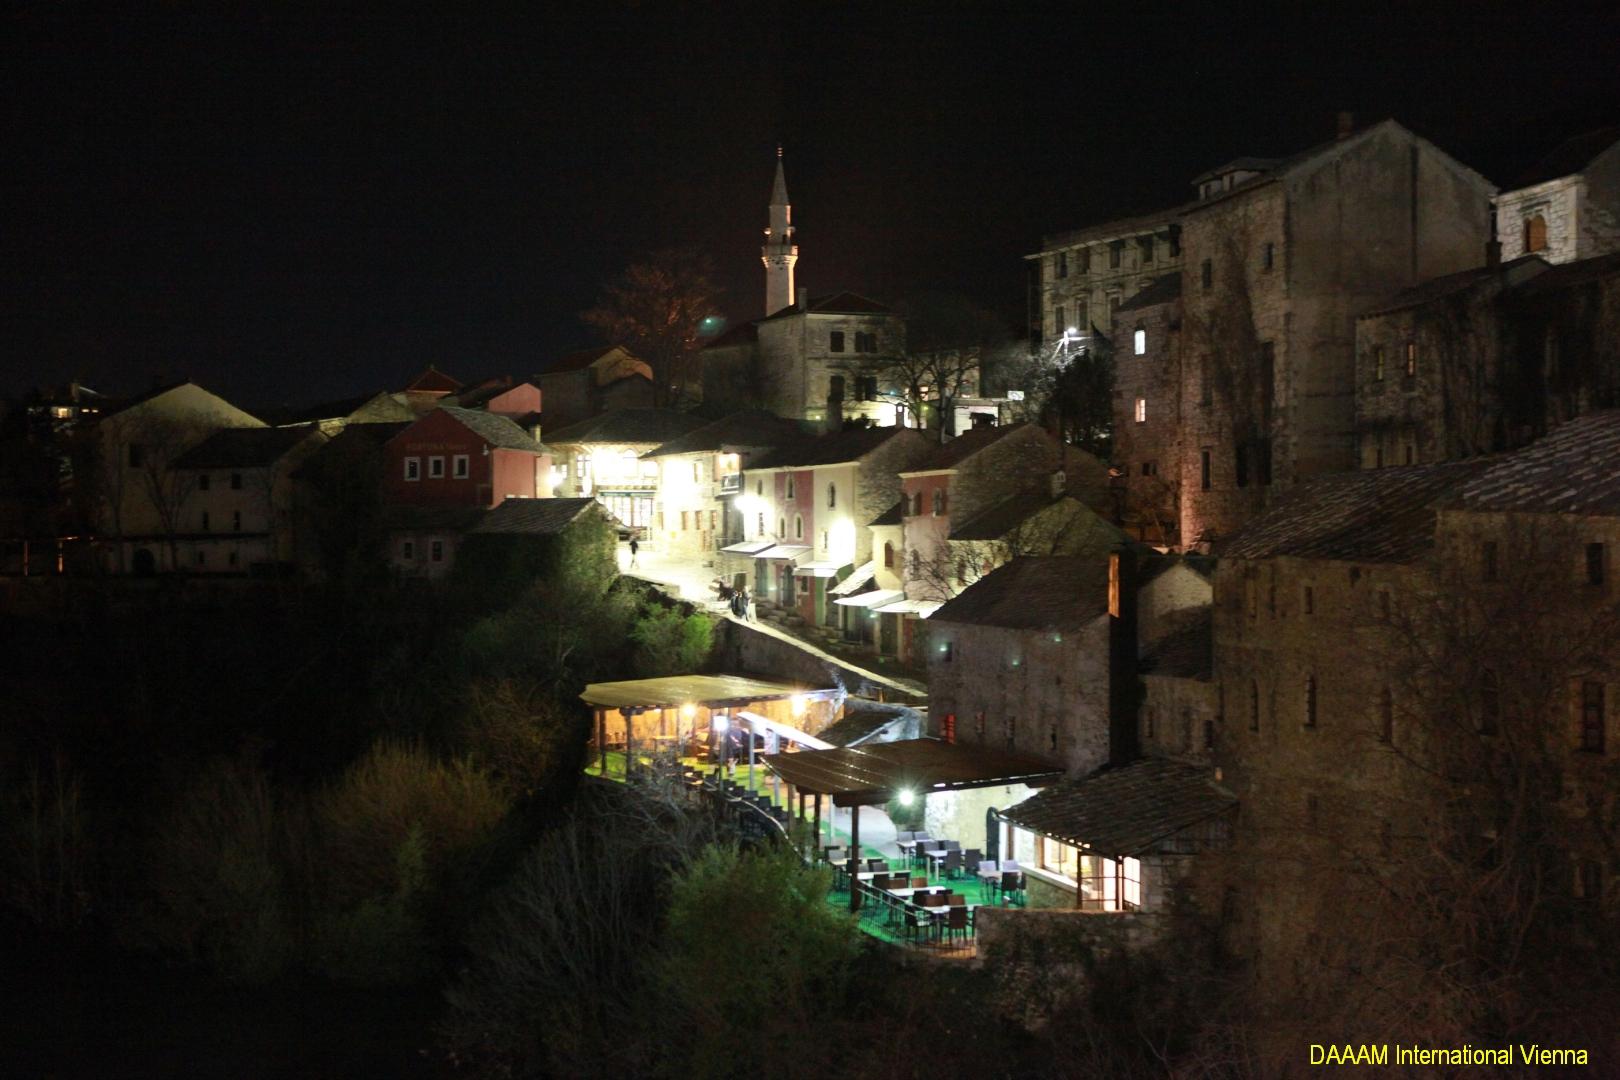 DAAAM_2016_Mostar_01_Magic_City_of_Mostar_198